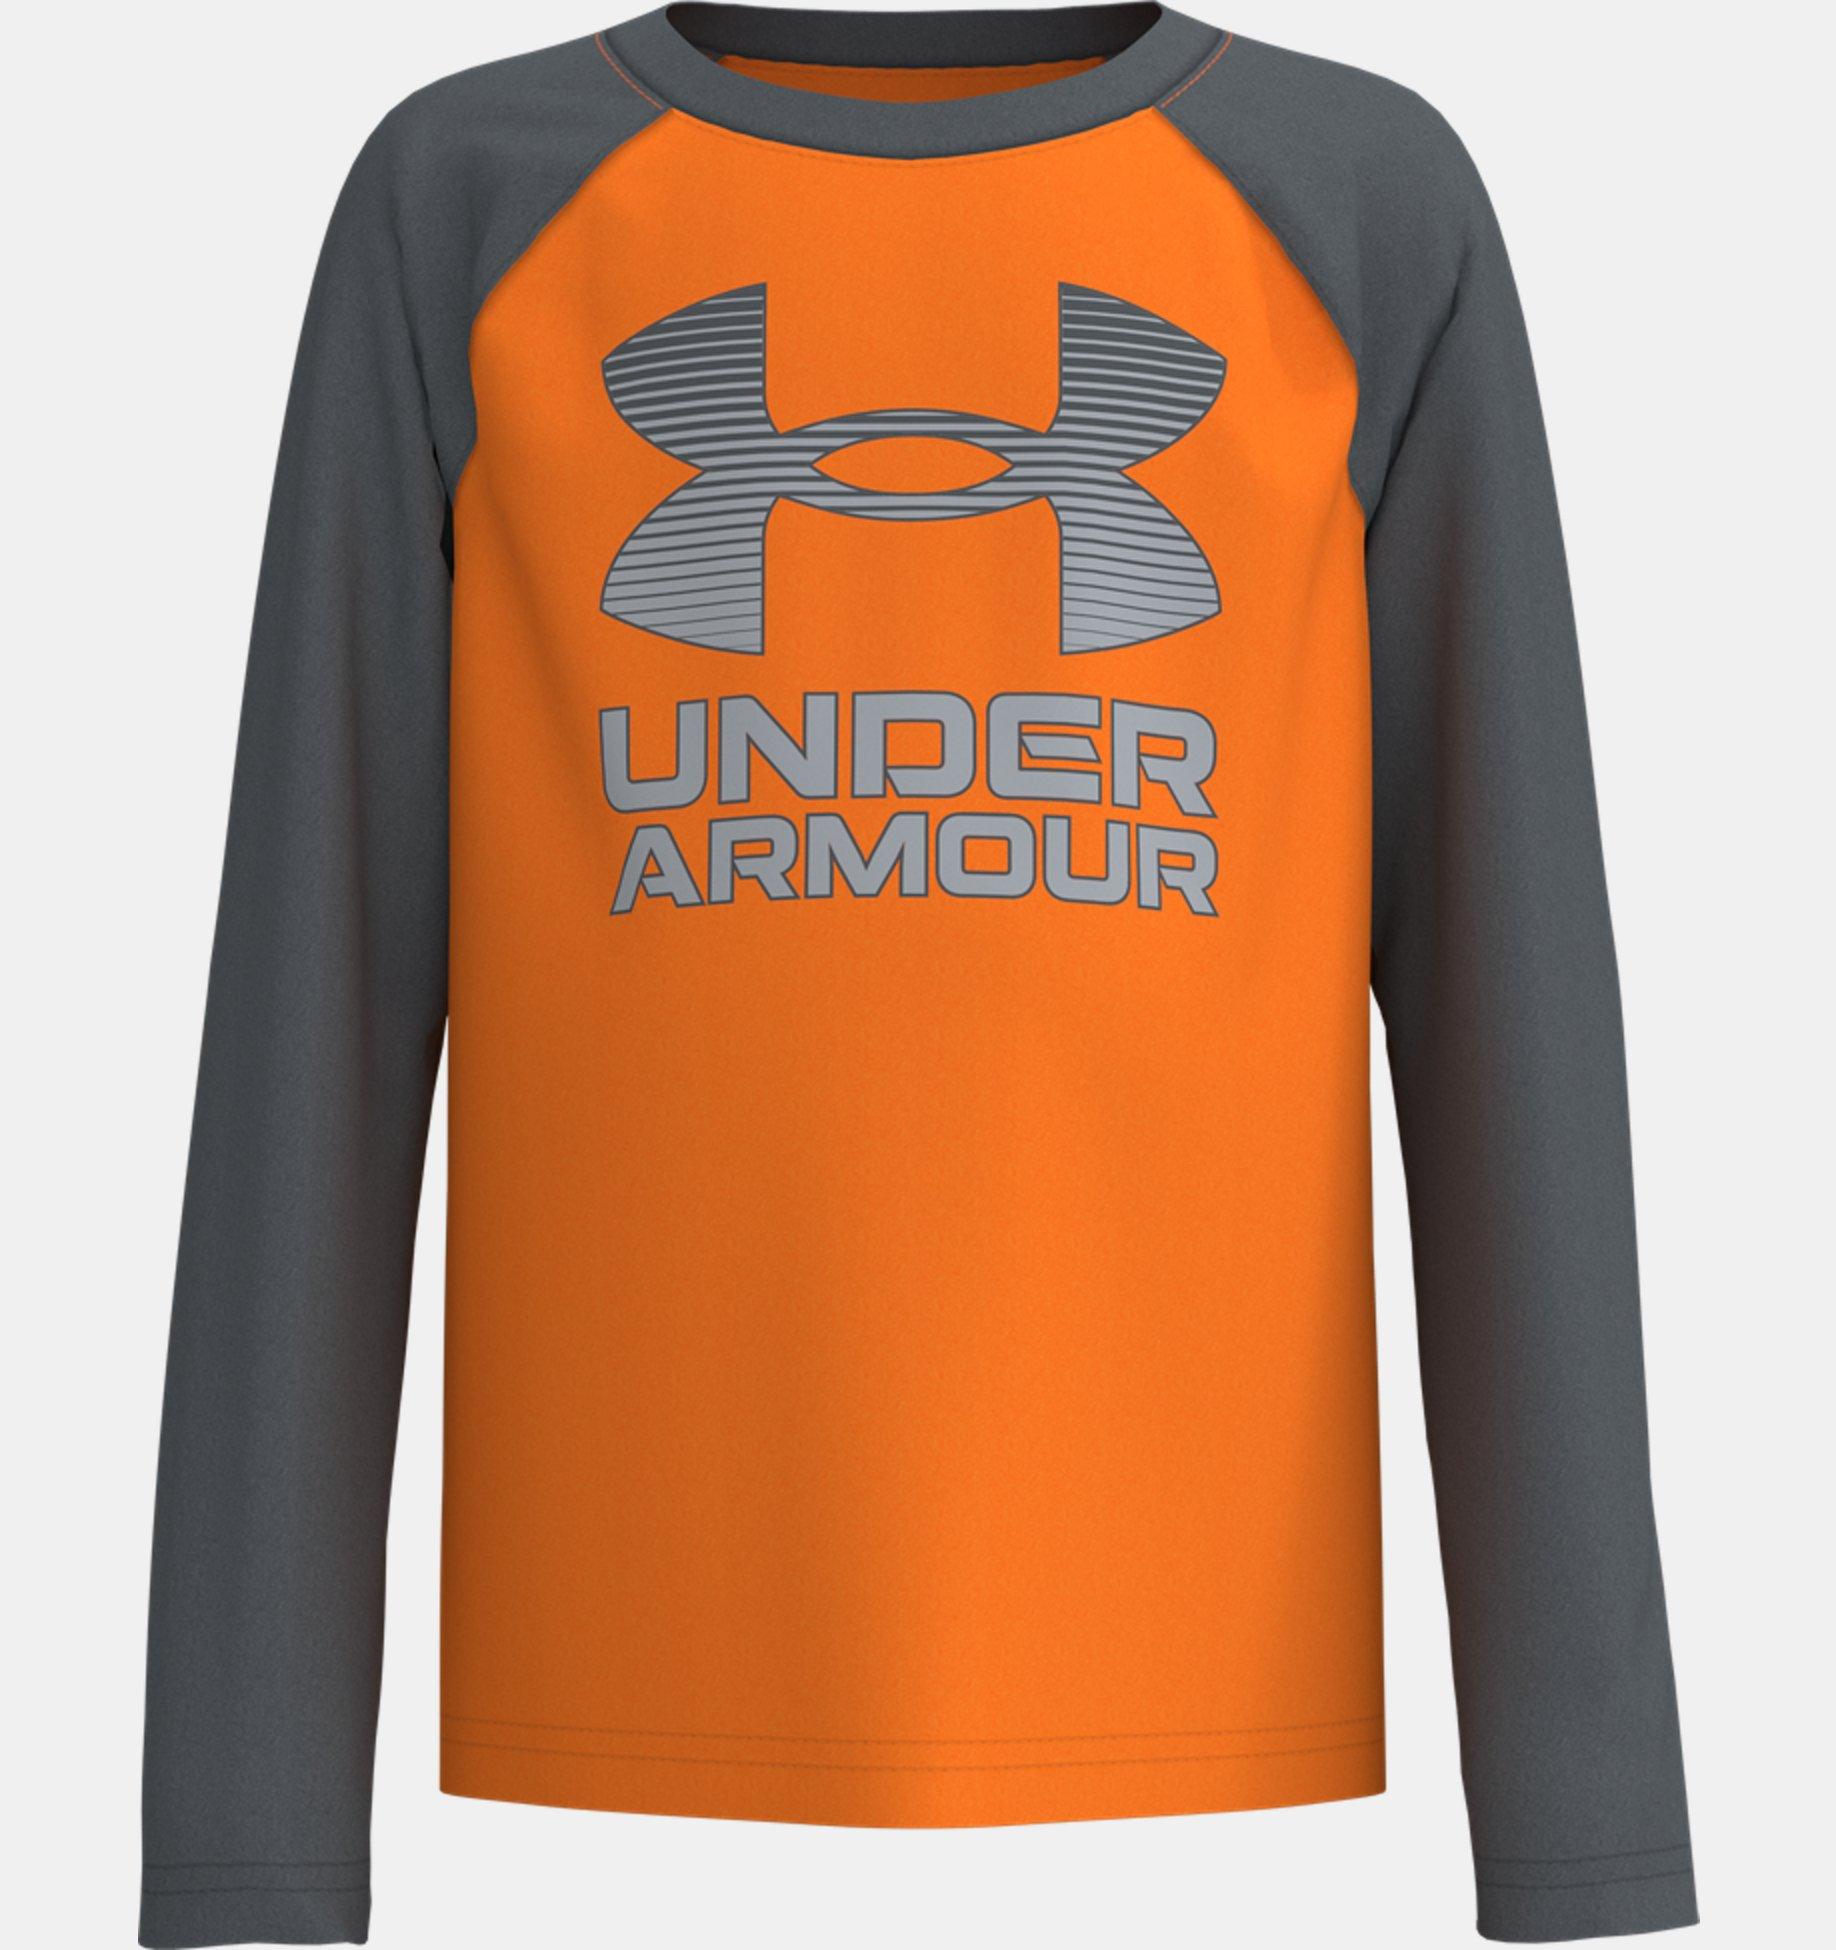 Underarmour Boys Pre-School UA Symbol Raglan Long Sleeve